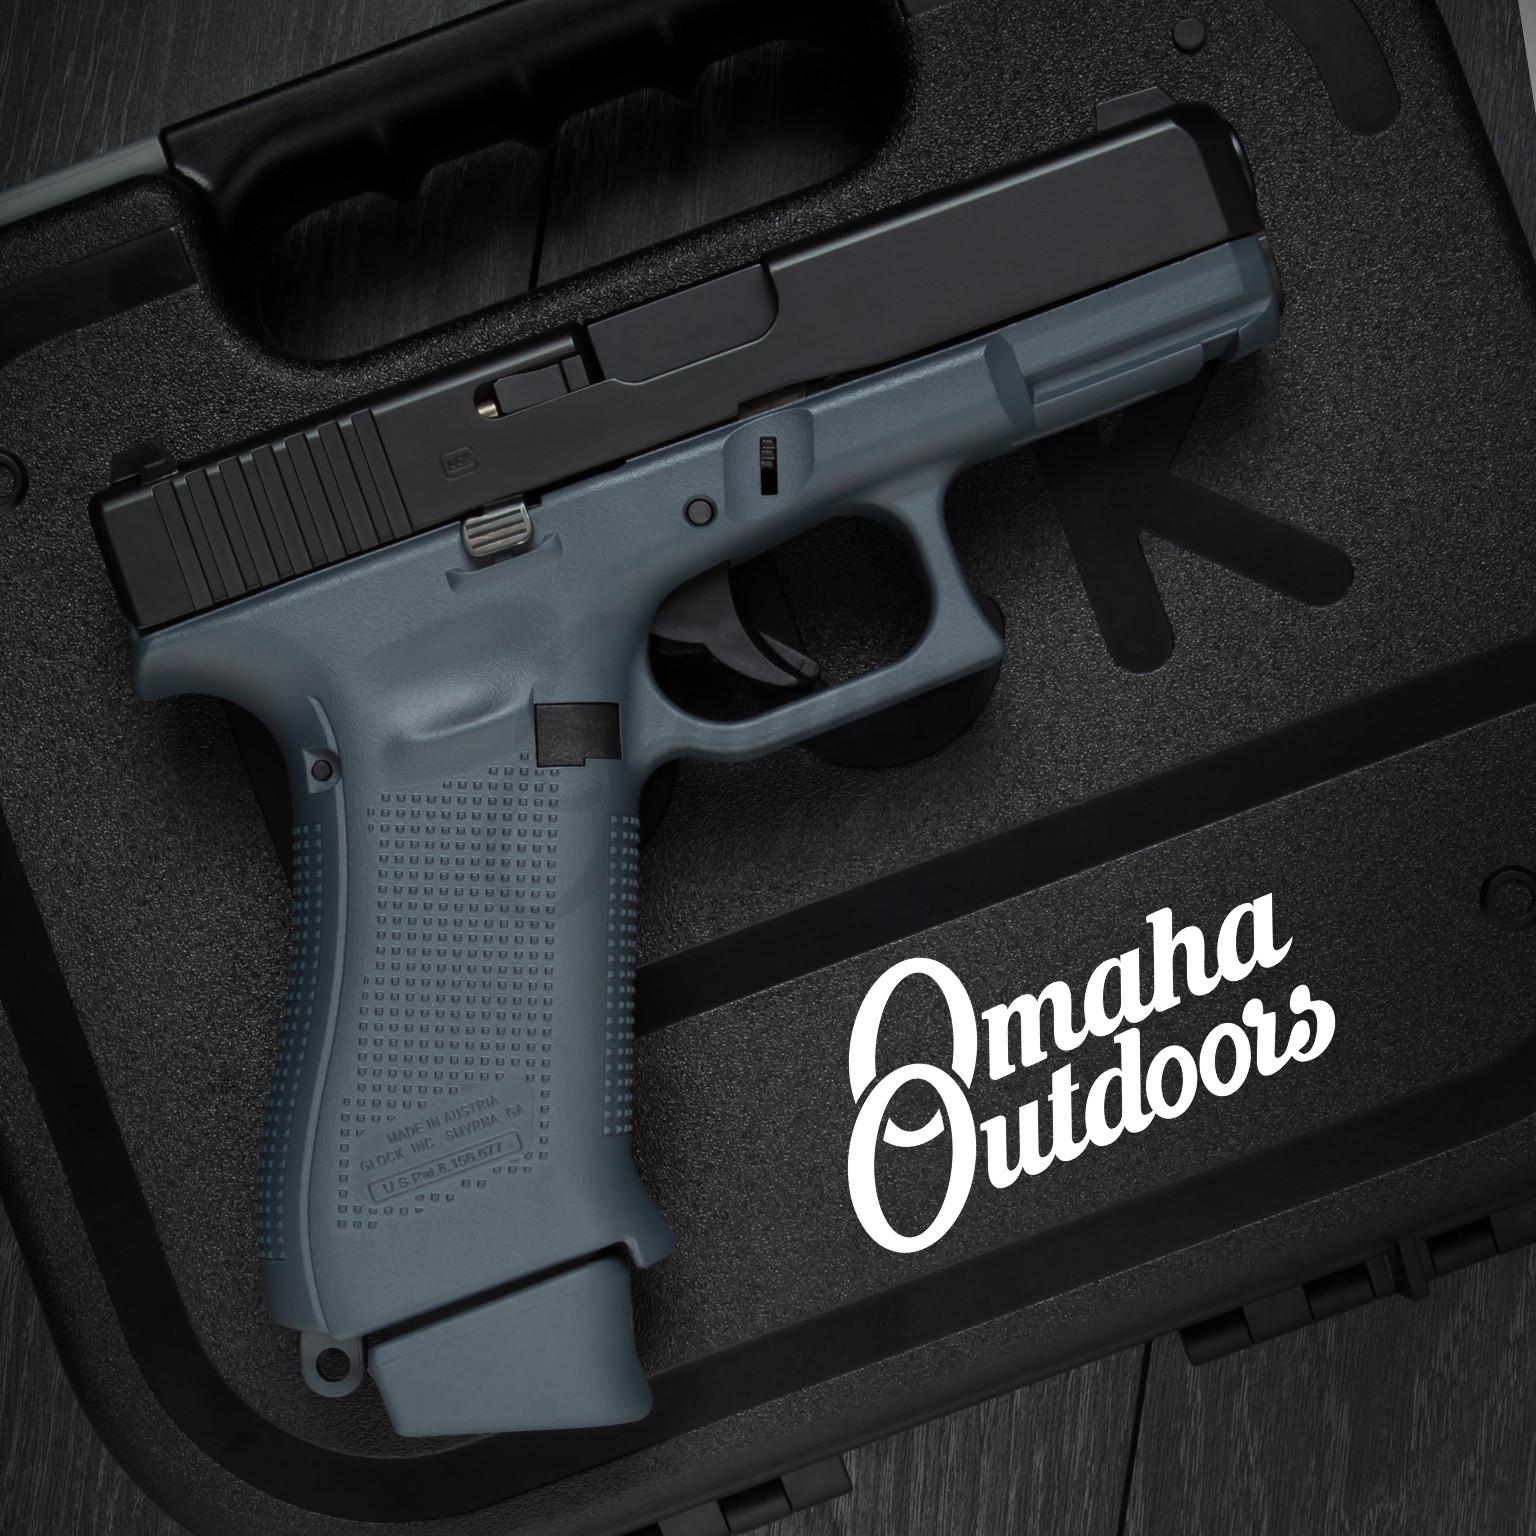 Glock 19X Gen 5 Gaston Gray Pistol Flat Black Slide 9mm 19 ...